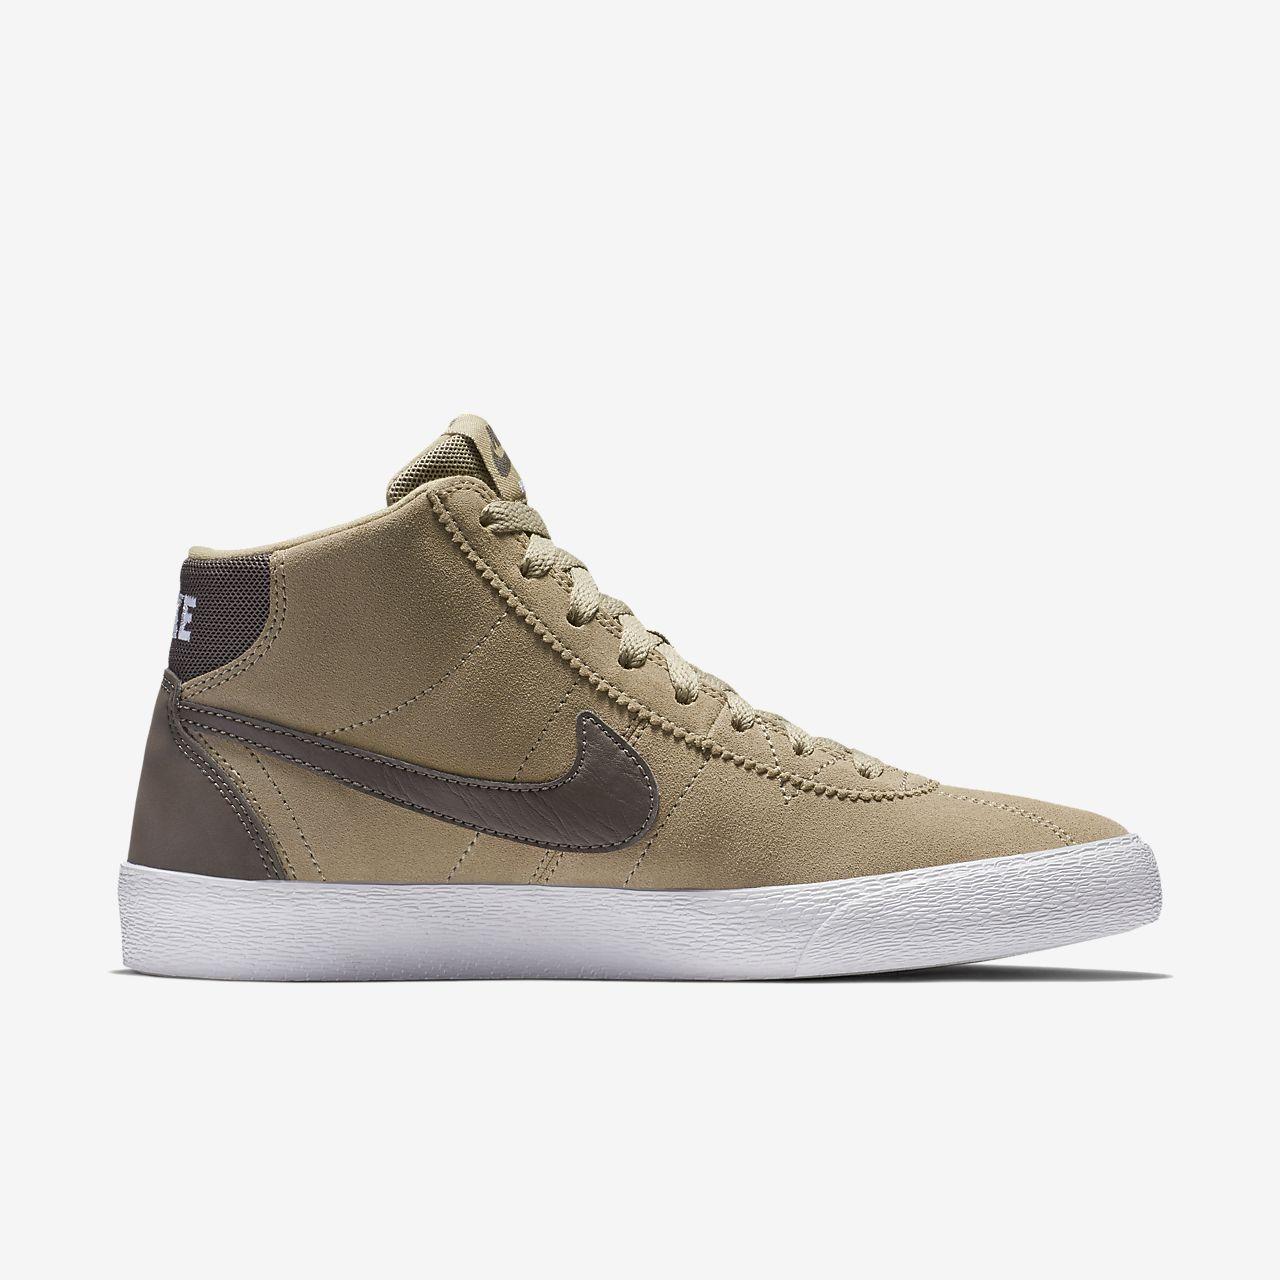 Chaussures Nike Course Beige Classique Classique Pour Les Femmes I12ouw